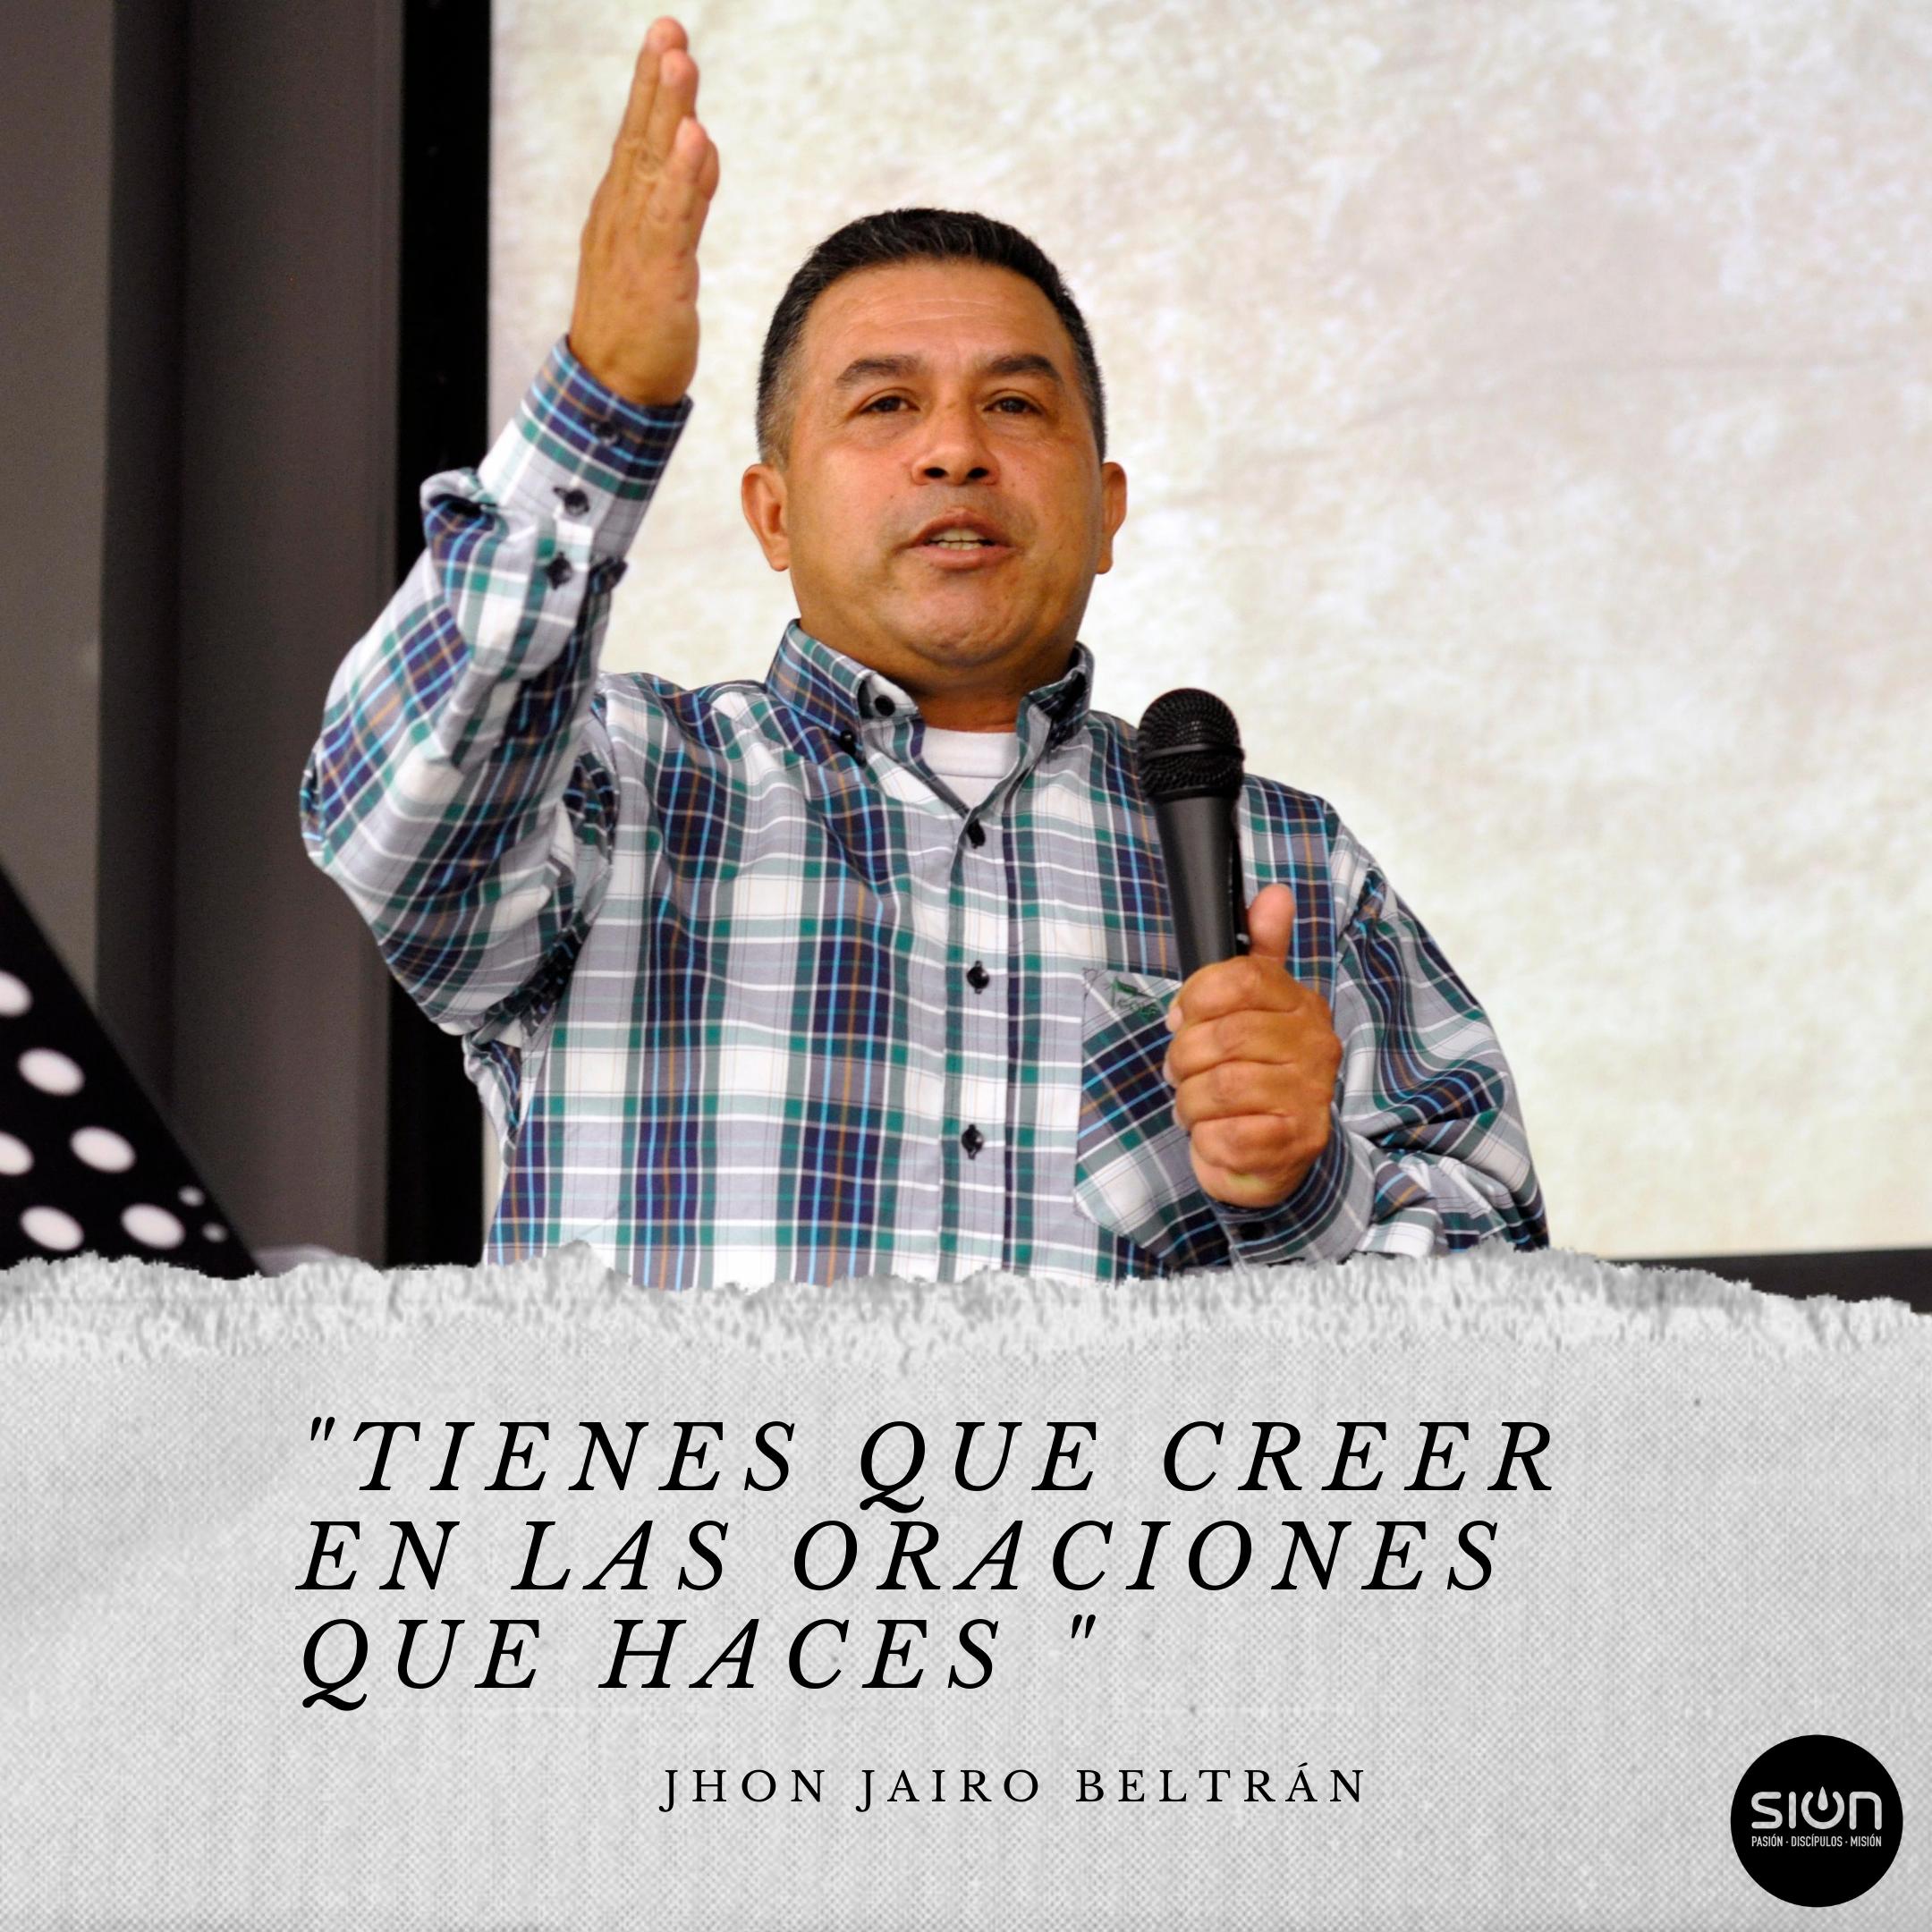 23-08-2020  JOHN JAIRO BELTRÁN – FORTALECIENDO NUESTRA FE